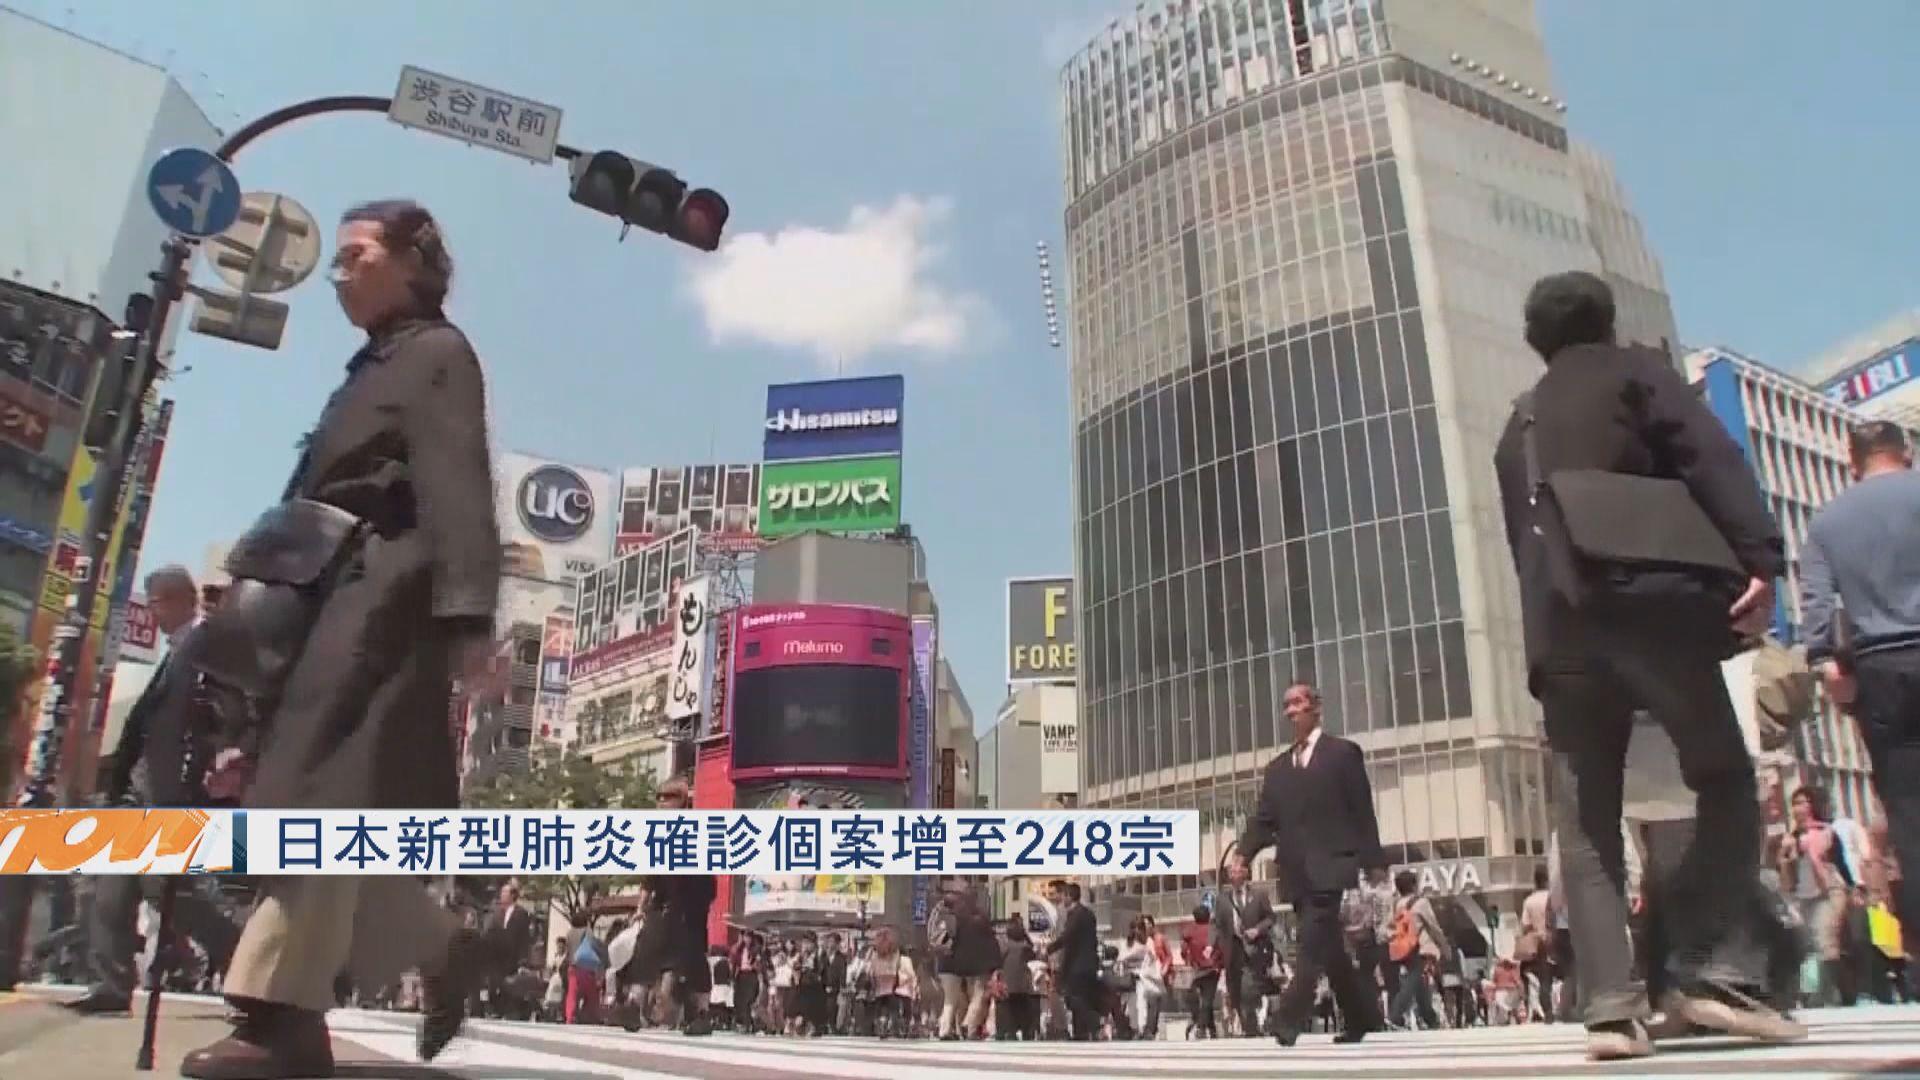 日本新型肺炎確診個案增至248宗